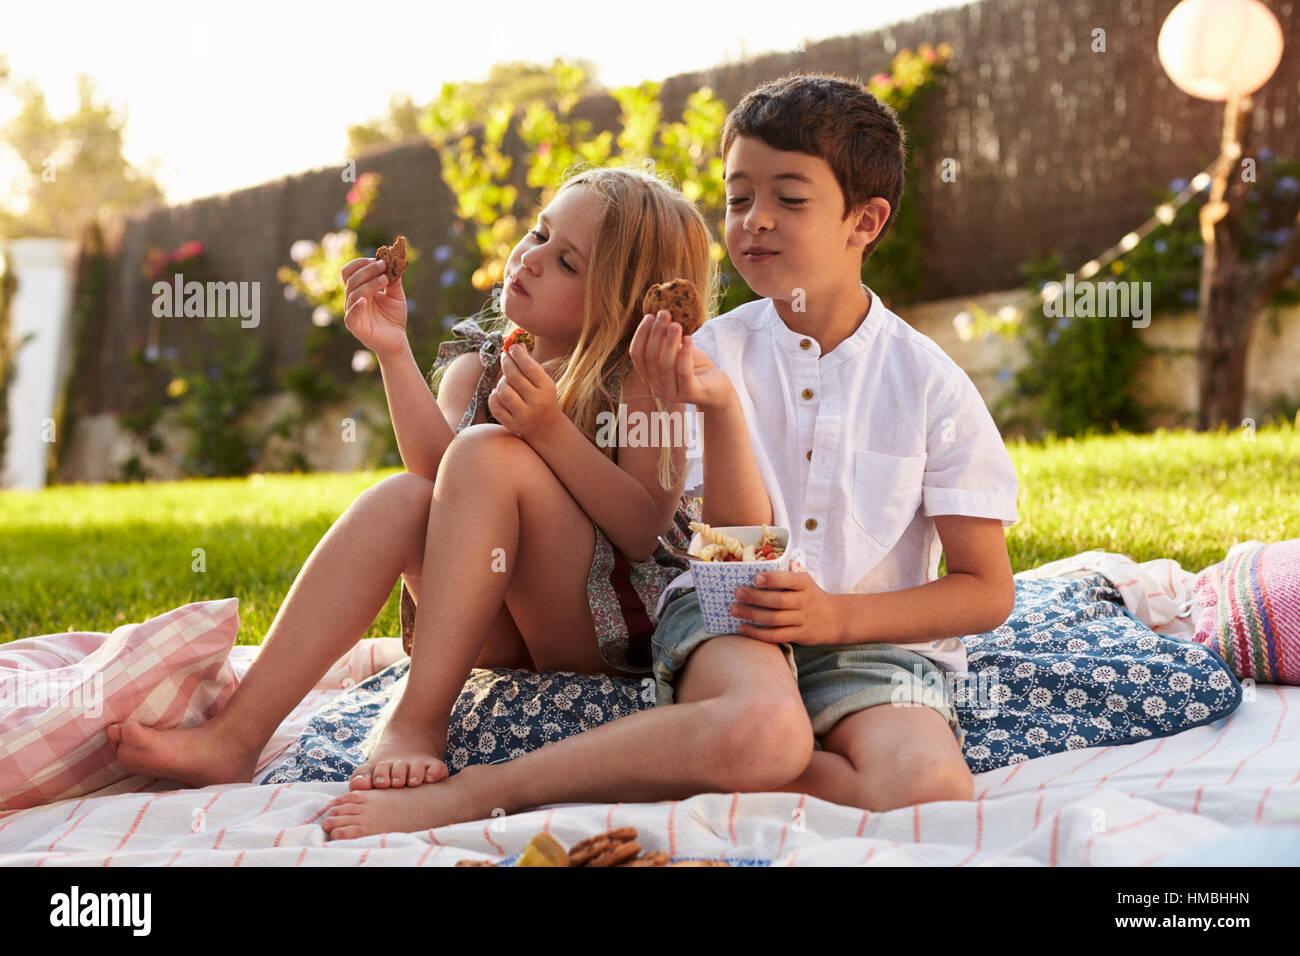 Two Children Enjoying Picnic On Blanket In Garden - Stock Image